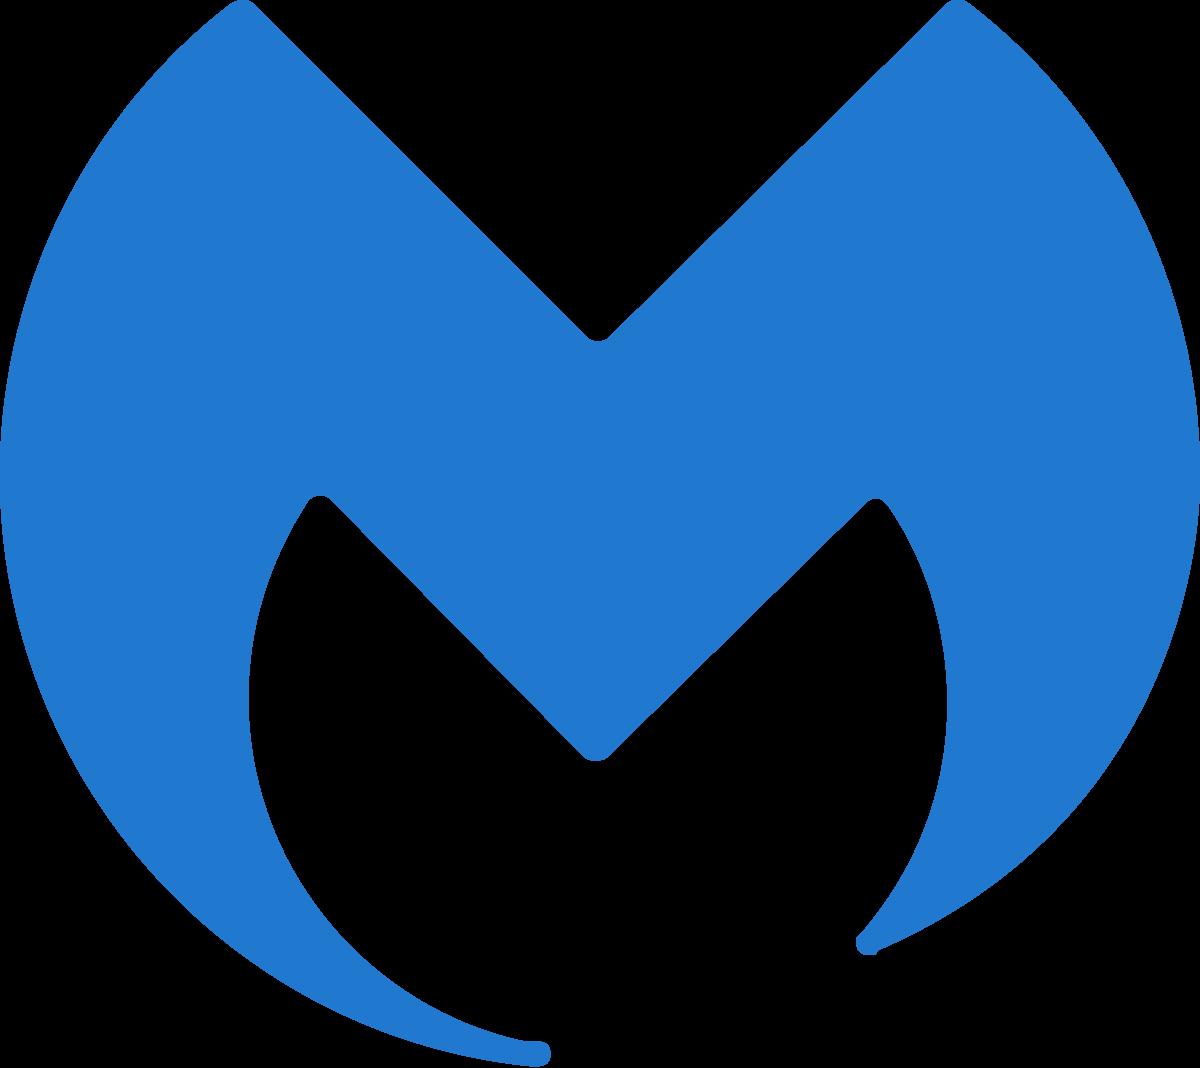 Malwarebytes-free-anti-malware-software